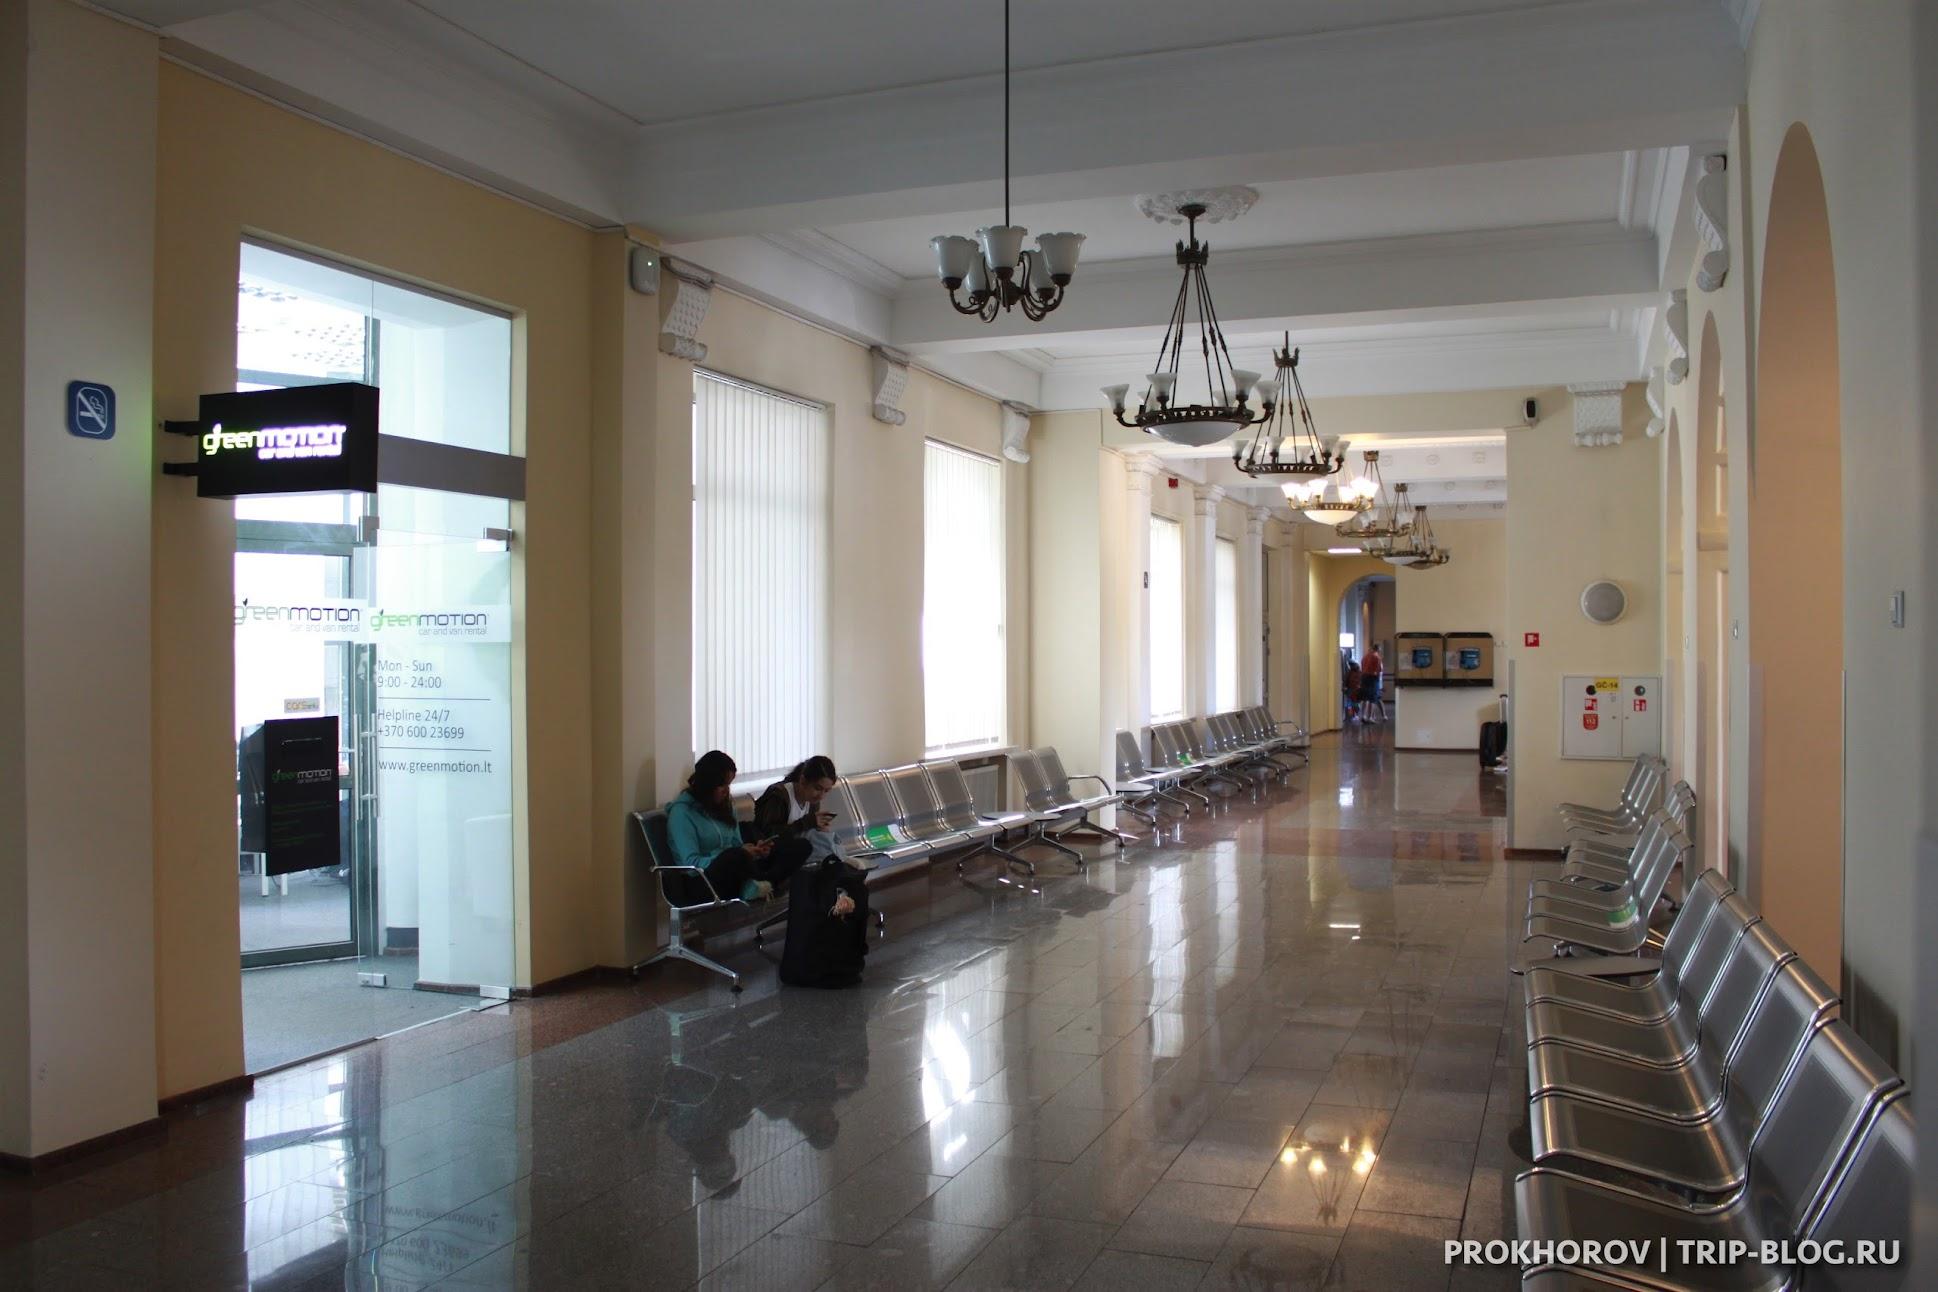 Аэроопорт Вильнюса